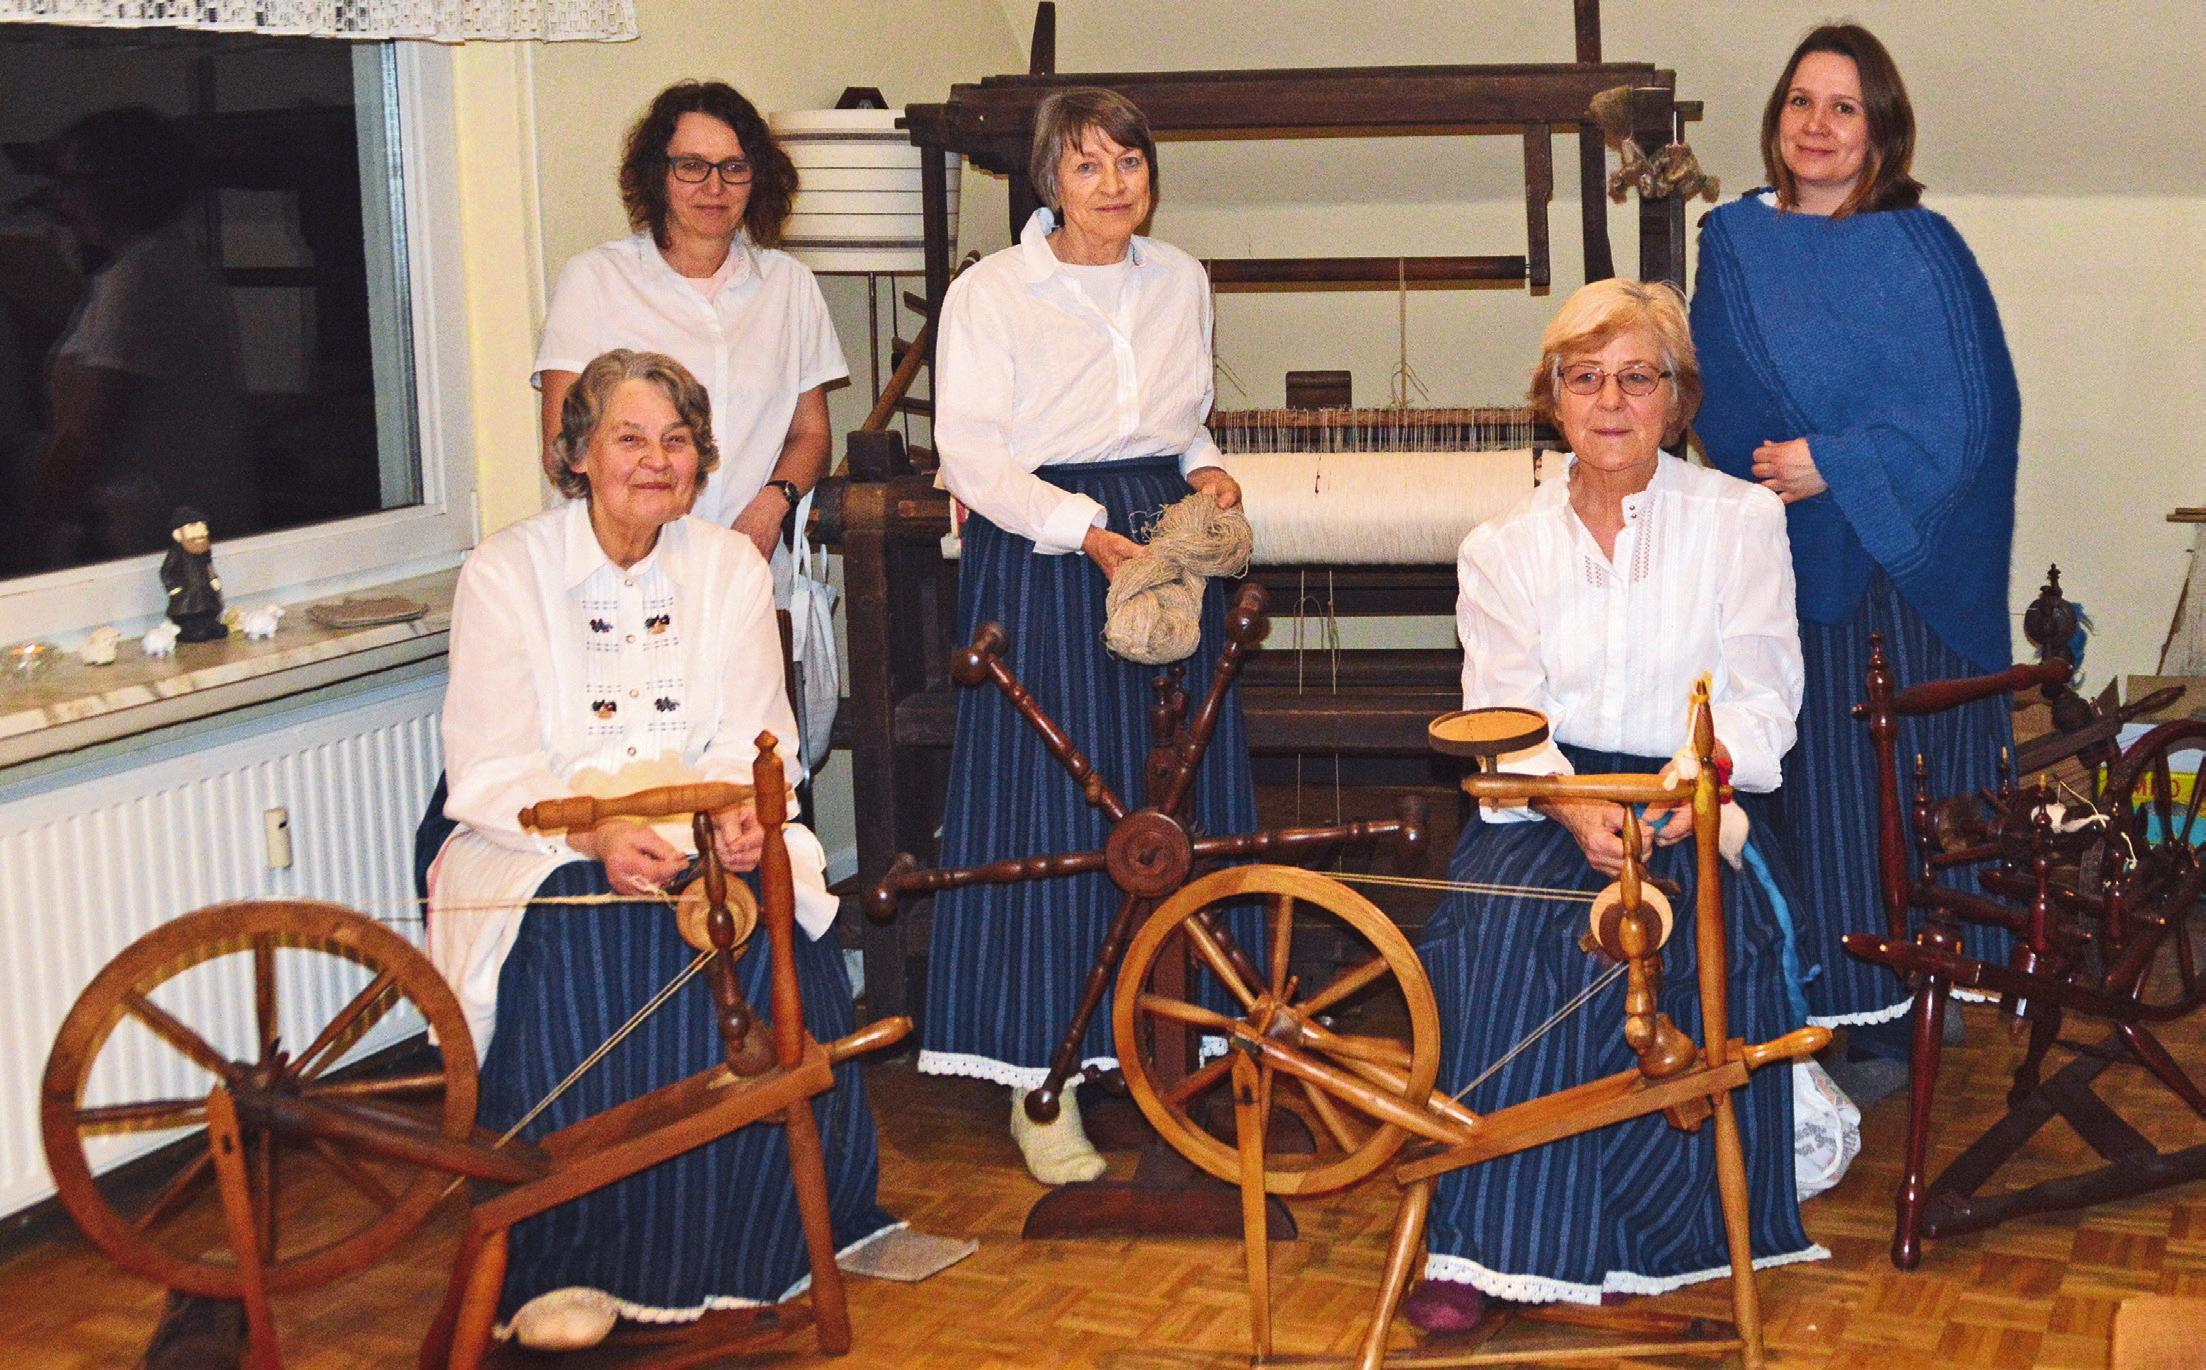 Fast wie in alten Zeiten: Gertraud Meyer-Thies, Astrid Kühn, Gisela Niebergall, Maren Malzahn und Nina Feith (von links) von der Gr. Oesinger Spinnstube spinnen gern in geselliger Runde.